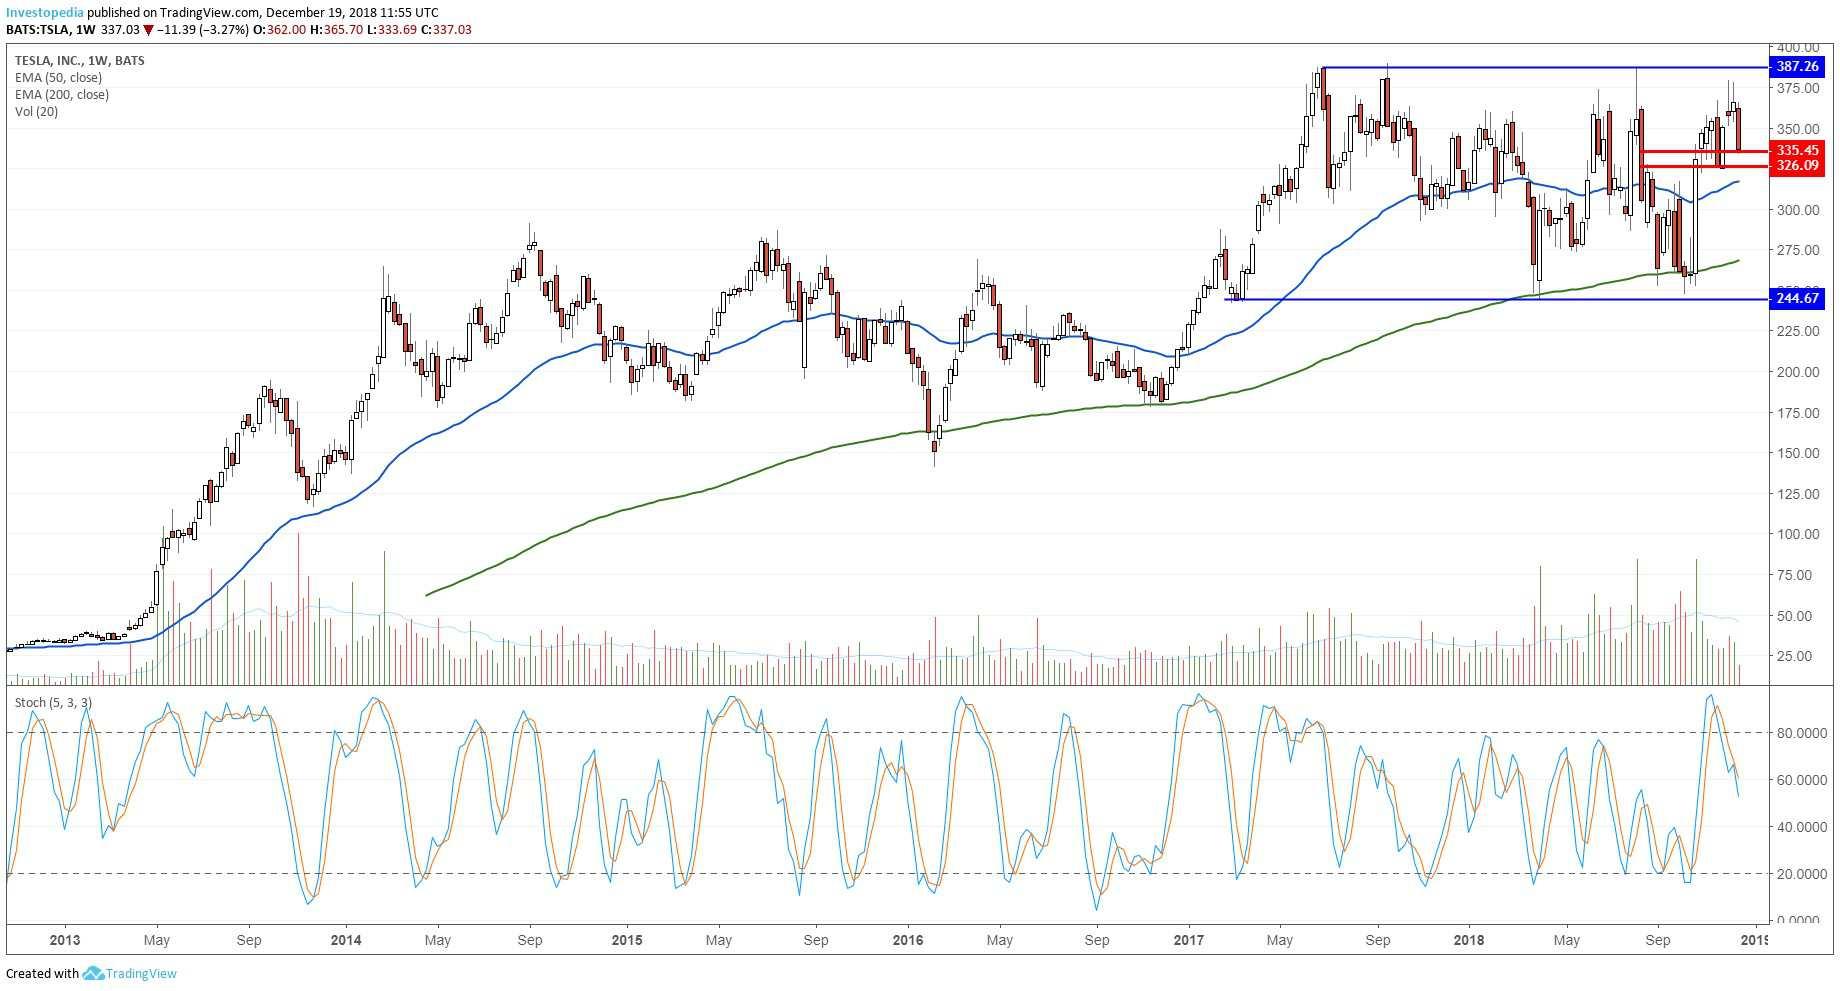 साप्ताहिक टेस्ला के प्रदर्शन दिखा चार्ट, Inc (TSLA) स्टॉक